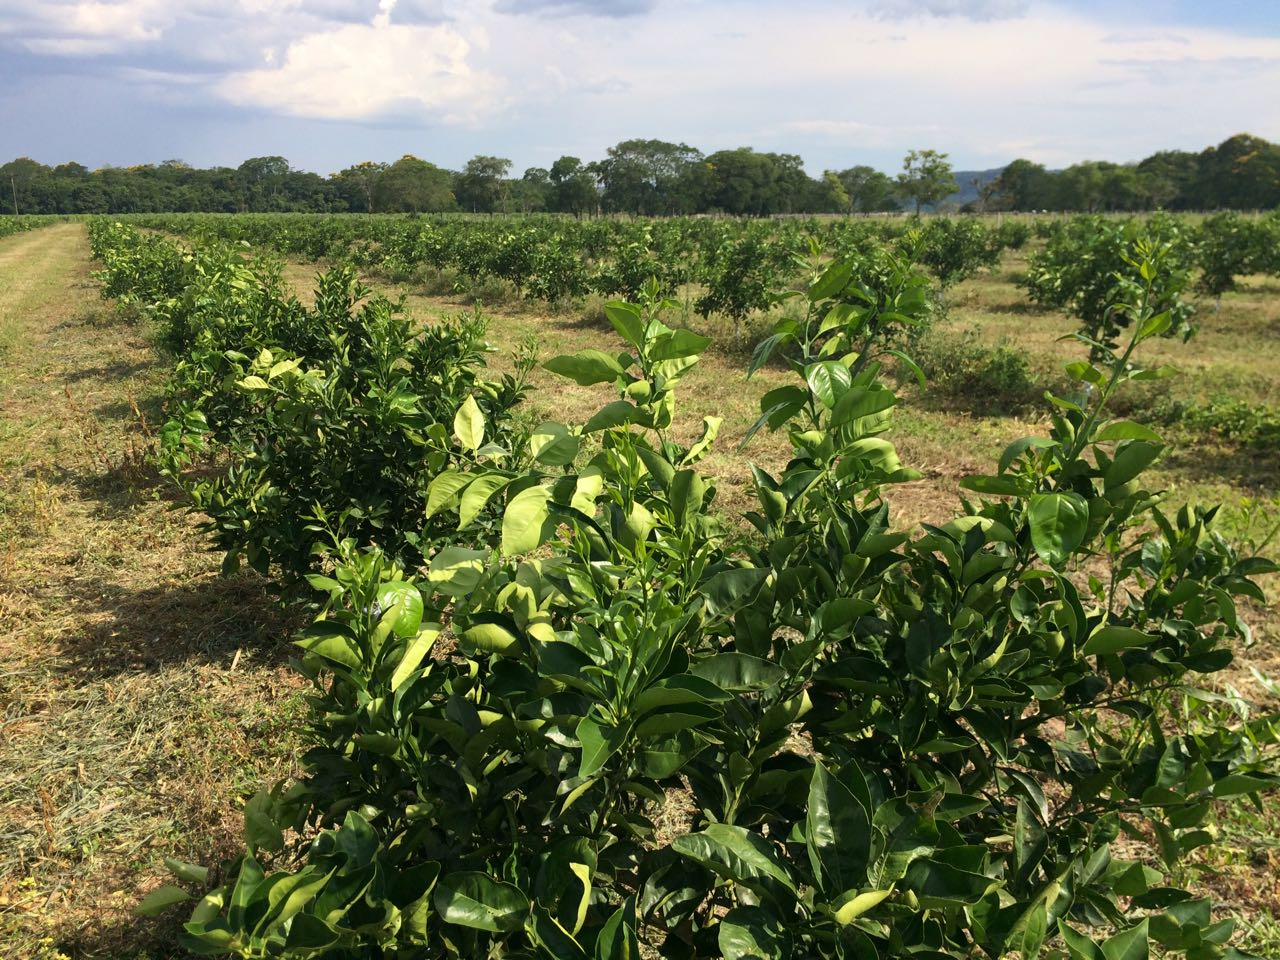 Paraguay Orange Plantation Dec 17